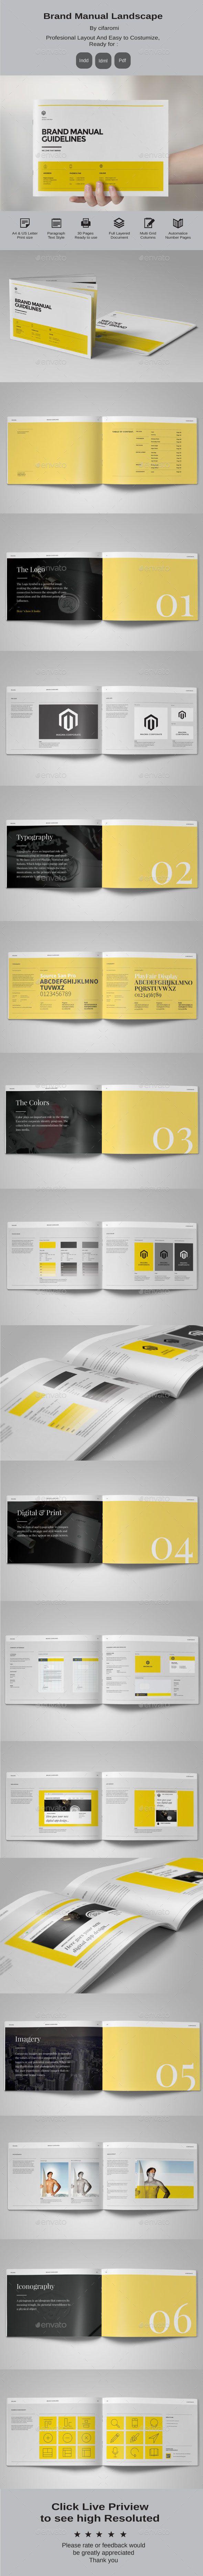 Minimal and Professional Brand Manual Landscape Brochure Template InDesign INDD #design Download: http://graphicriver.net/item/brand-manual-landscape/14366298?ref=ksioks